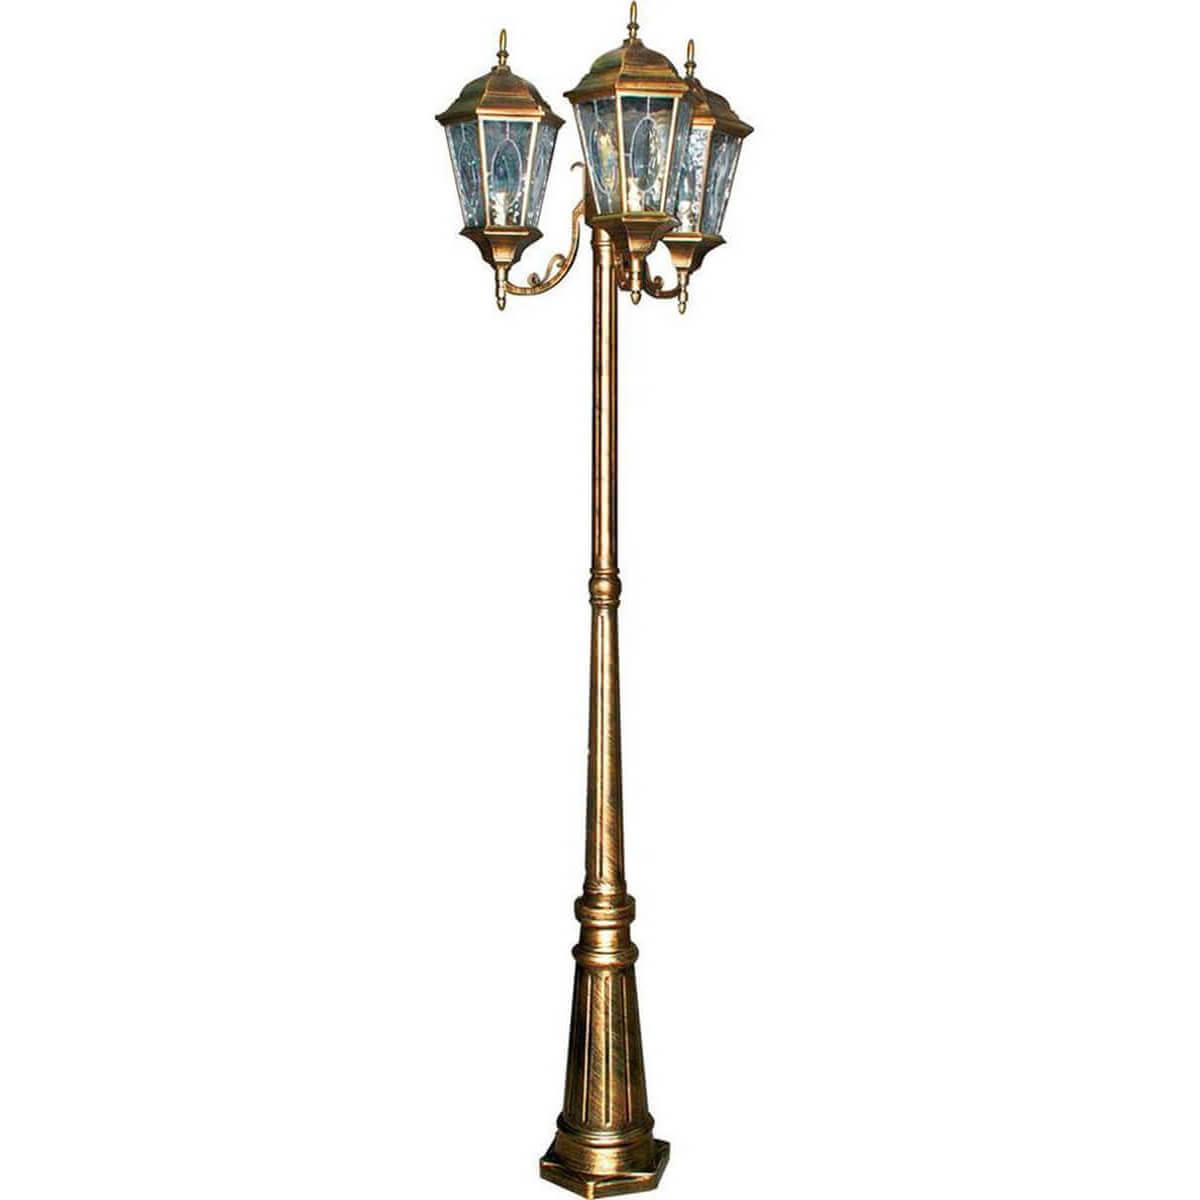 цена Садово-парковый светильник Feron PL158 11326 онлайн в 2017 году